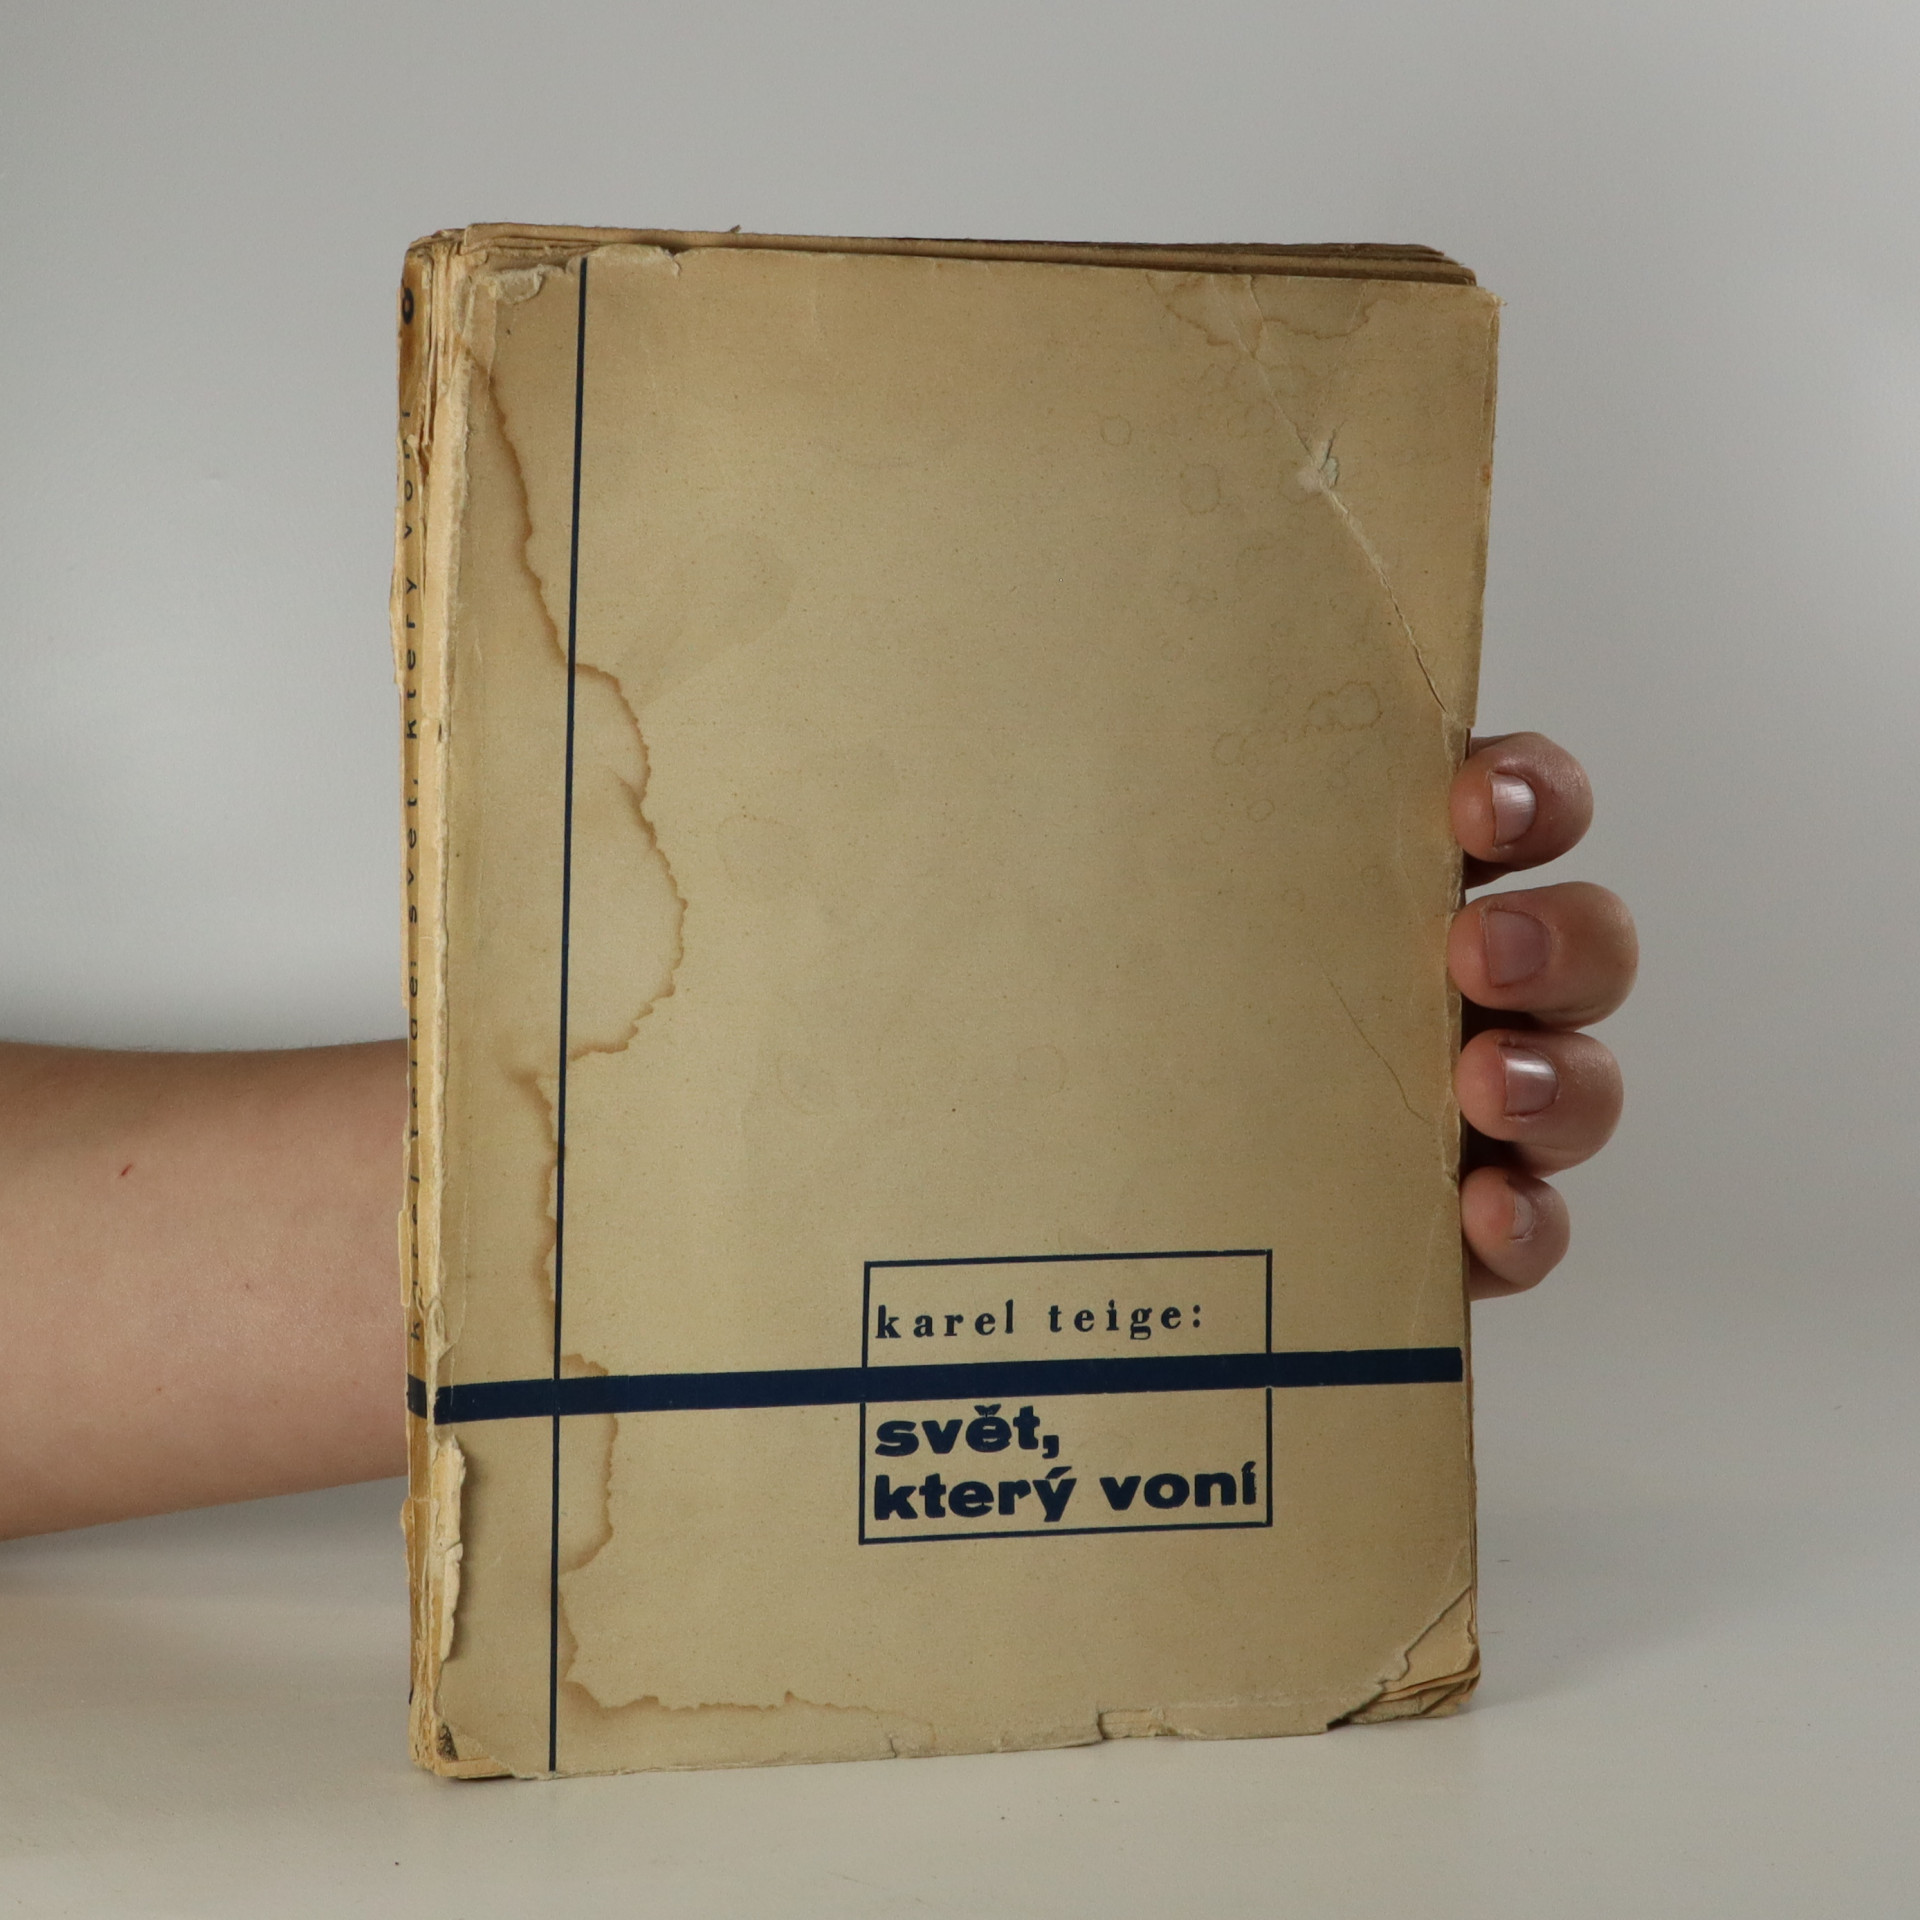 antikvární kniha O humoru, clownech a dadaistech. Svět, který voní (2. část dvojdílného cyklu), 1930